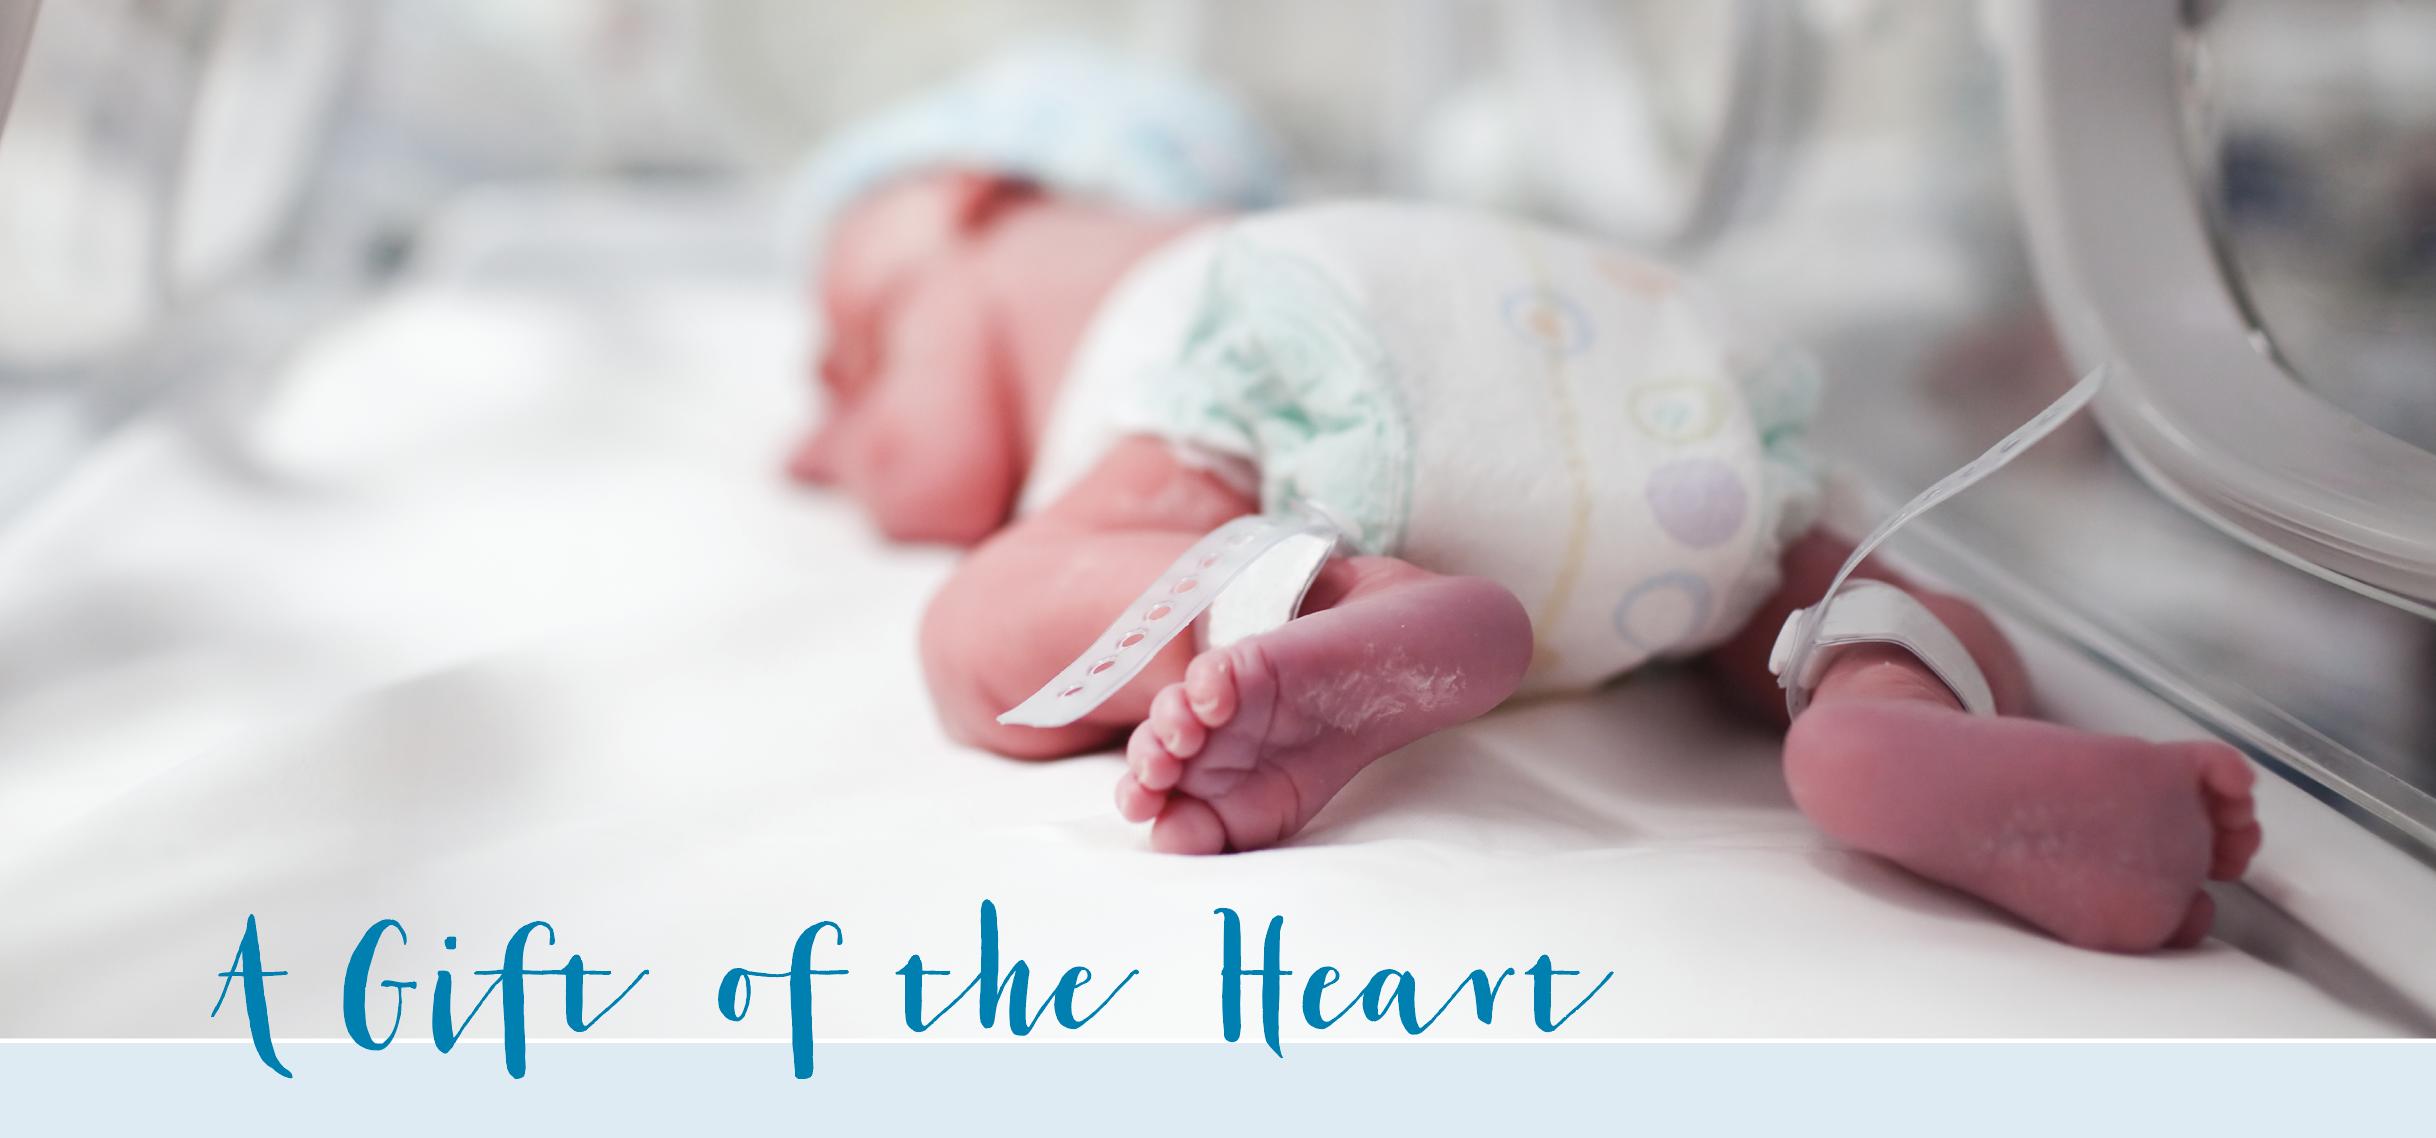 Gift of the Heart; photo of newborn baby